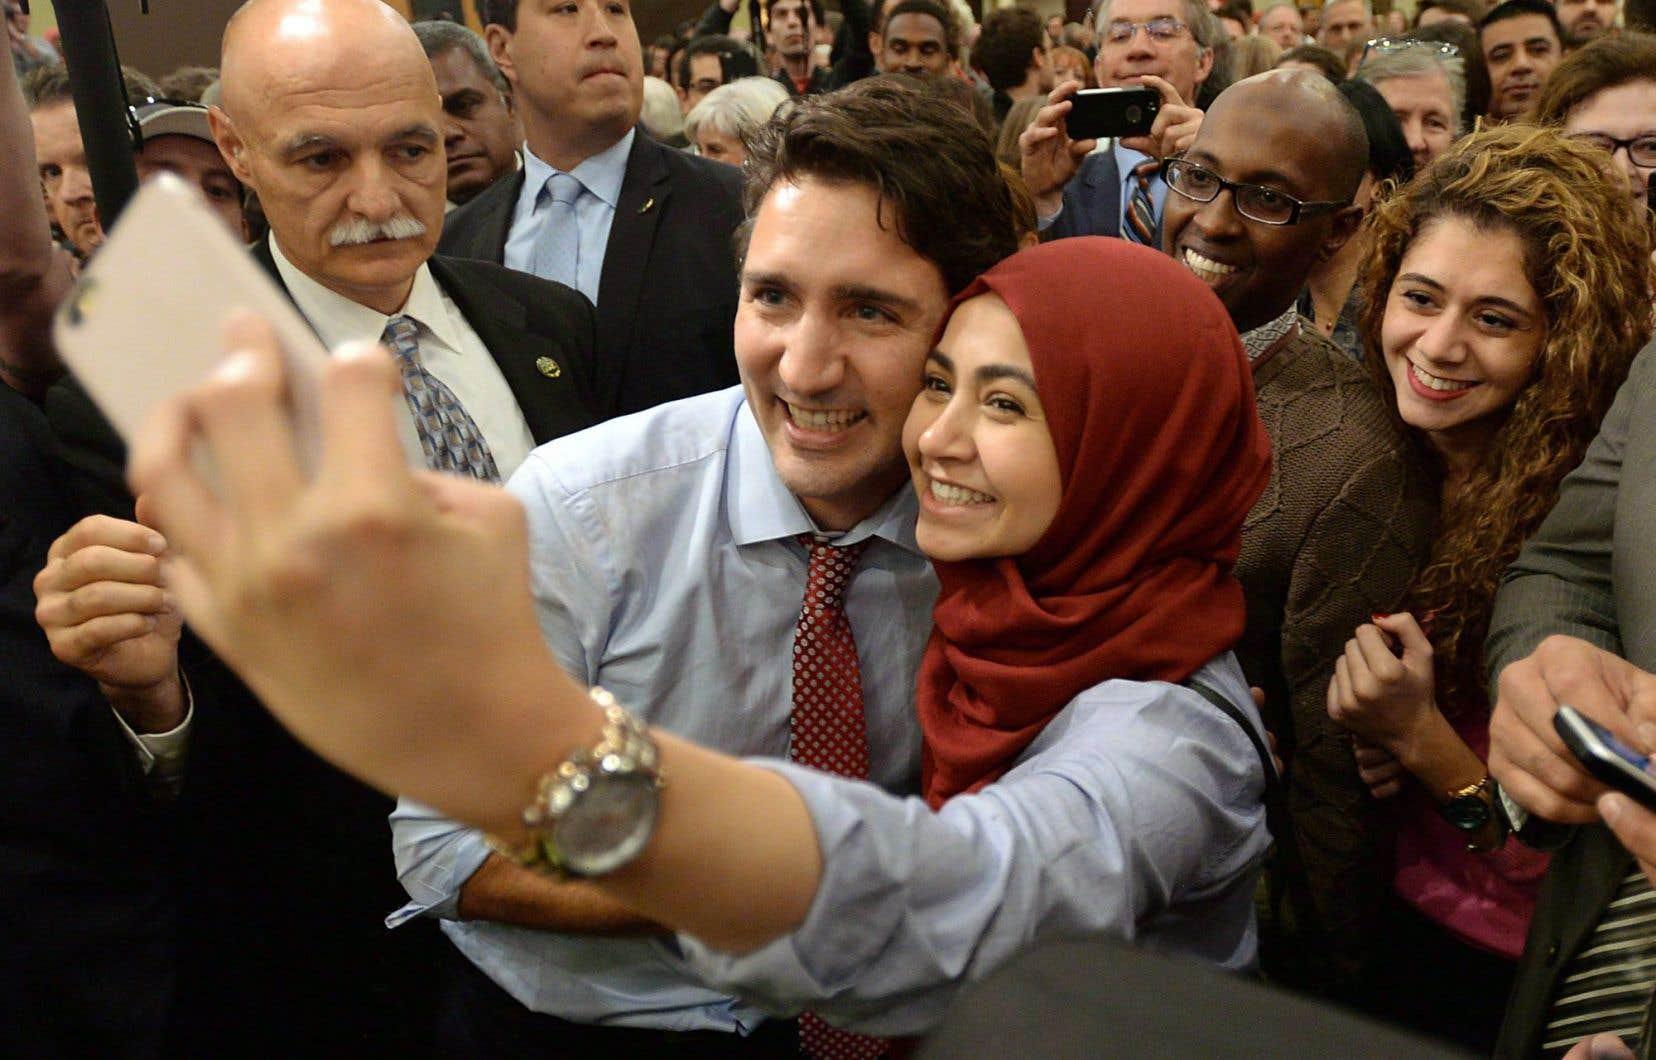 Depuis son élection, Justin Trudeau suscite à l'étranger un engouement inédit pour un politicien canadien. Et pas seulement là, puisque le même phénomène «people» s'observe aussi au pays.